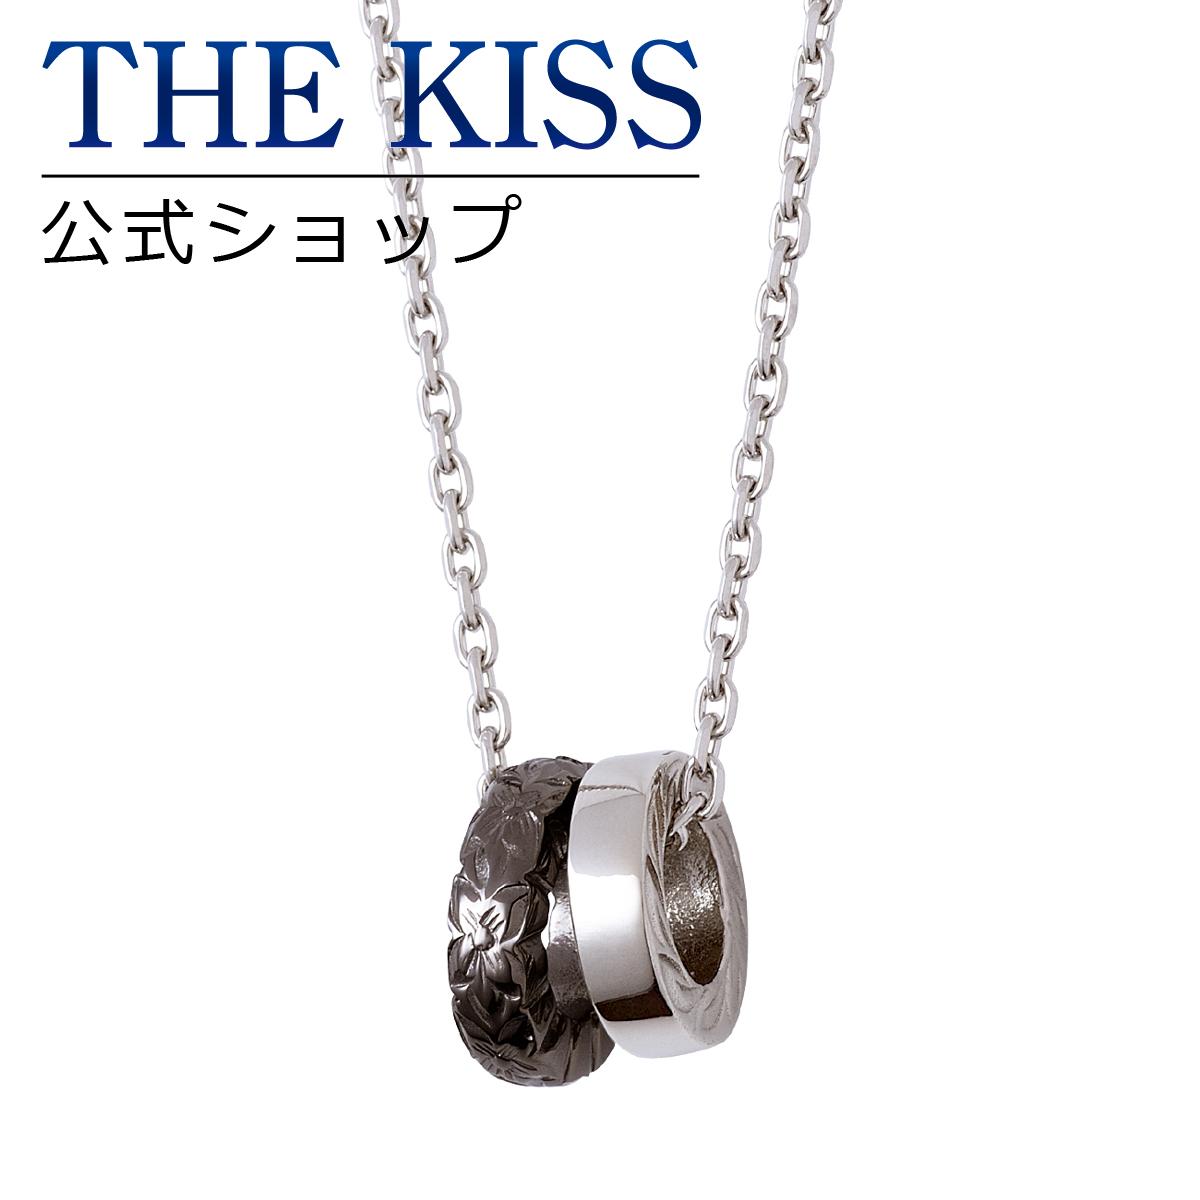 【あす楽対応】THE KISS 公式サイト ステンレス ハワイアン ペアネックレス (レディース 単品) ペアアクセサリー カップル に 人気 の ジュエリーブランド THEKISS ペア ネックレス・ペンダント 記念日 プレゼント L-N8023 ザキス 【送料無料】